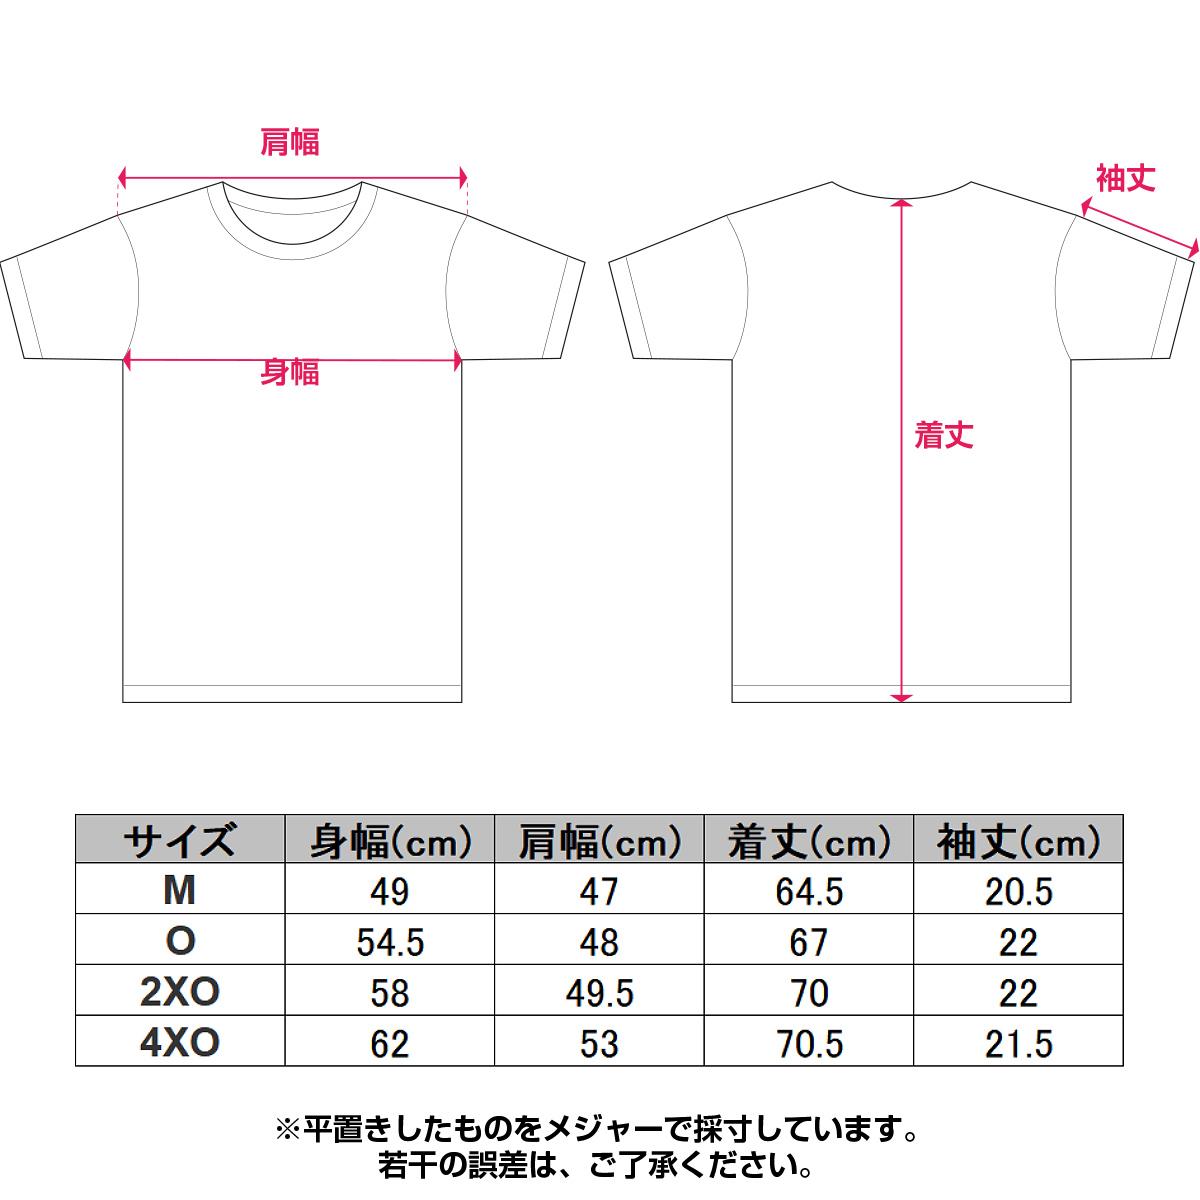 adidas originals アディダス オリジナルス リニア ロゴ リピート Tシャツ メンズ gd2113